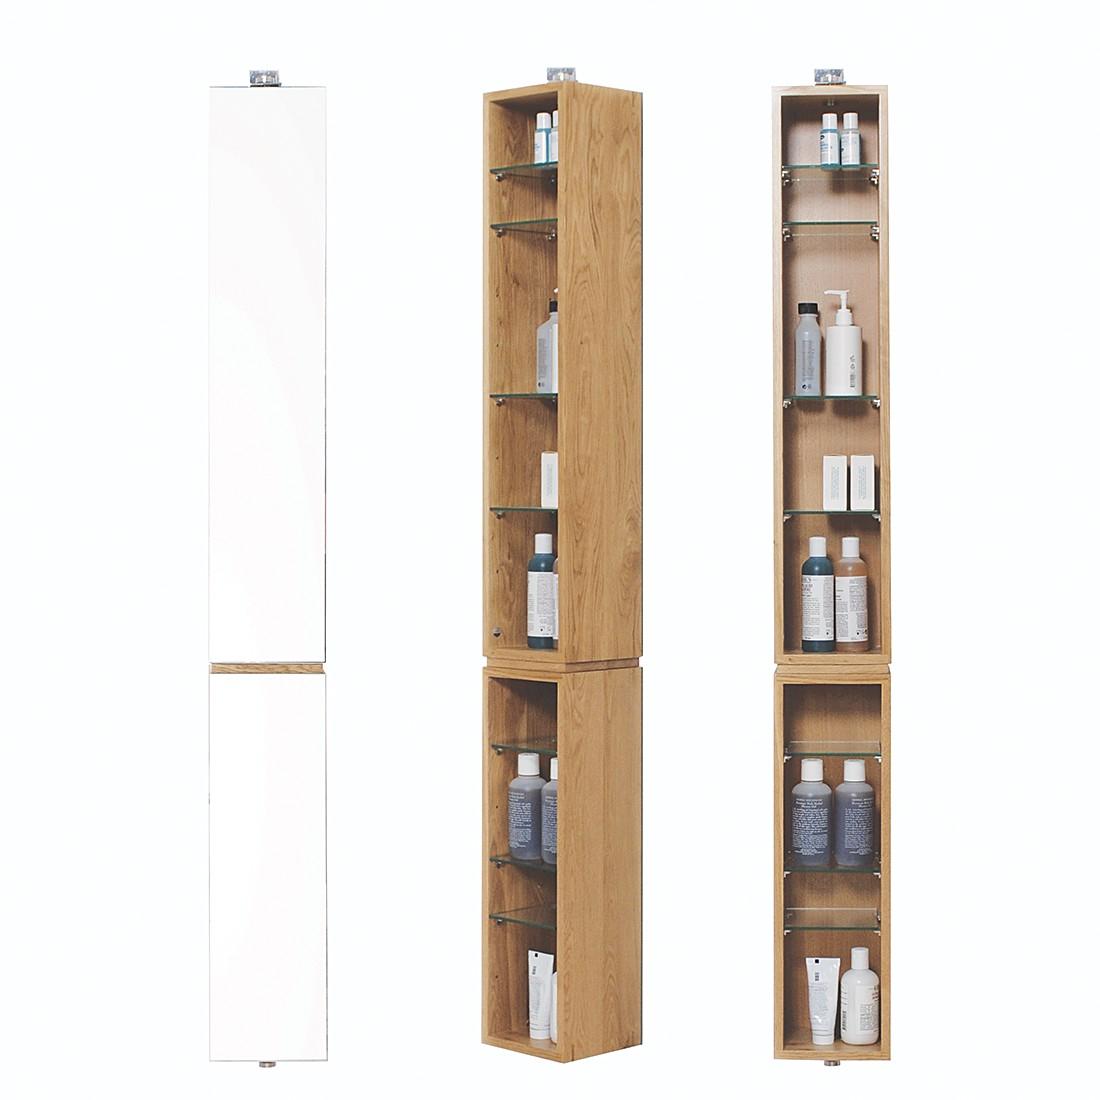 drehschrank spiegel sonstige preisvergleiche. Black Bedroom Furniture Sets. Home Design Ideas